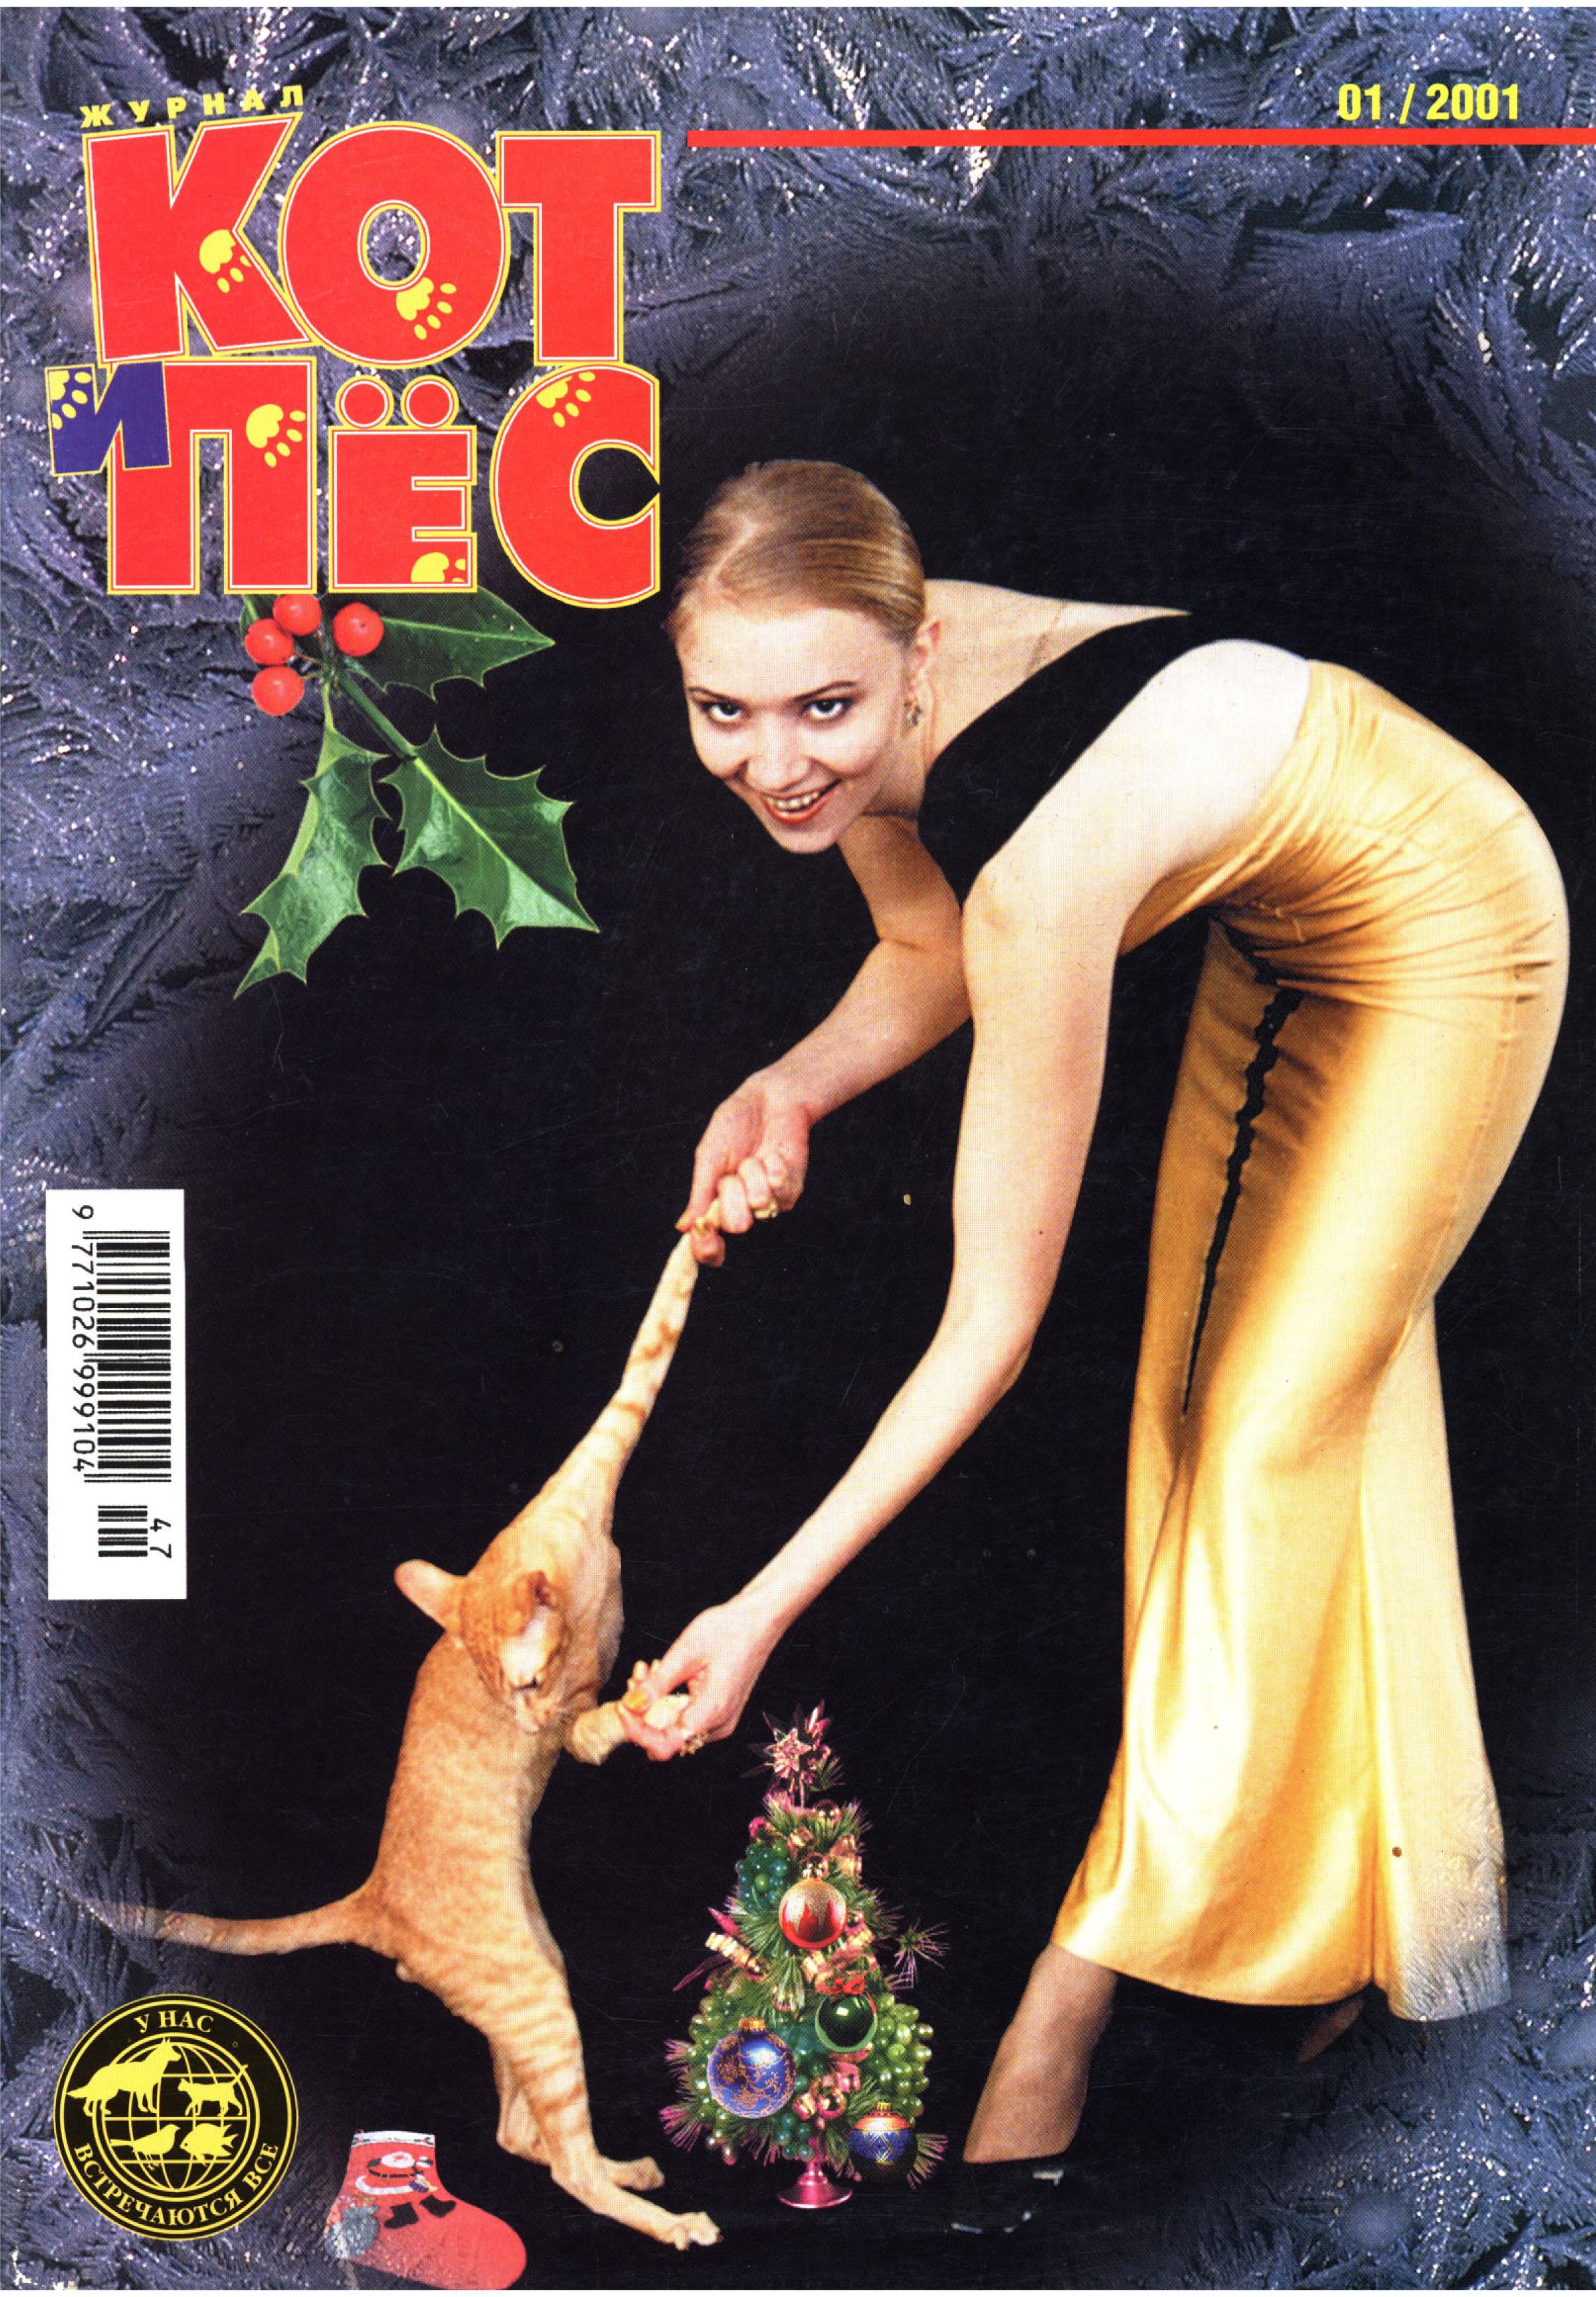 цены Отсутствует Кот и Пёс №01/2001